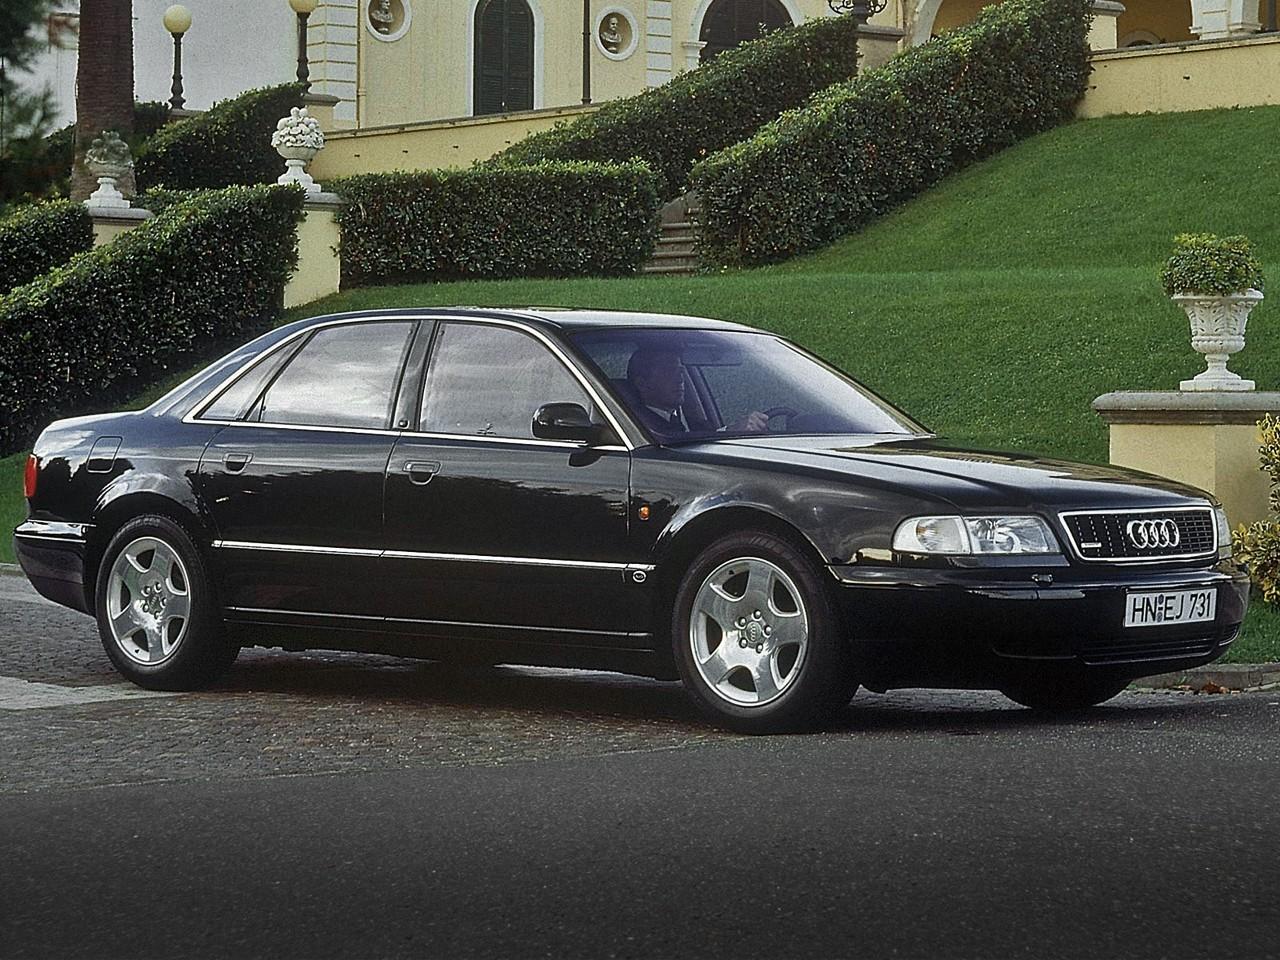 New Audi A8 Interior >> AUDI A8 (D2) - 1994, 1995, 1996, 1997, 1998, 1999 - autoevolution